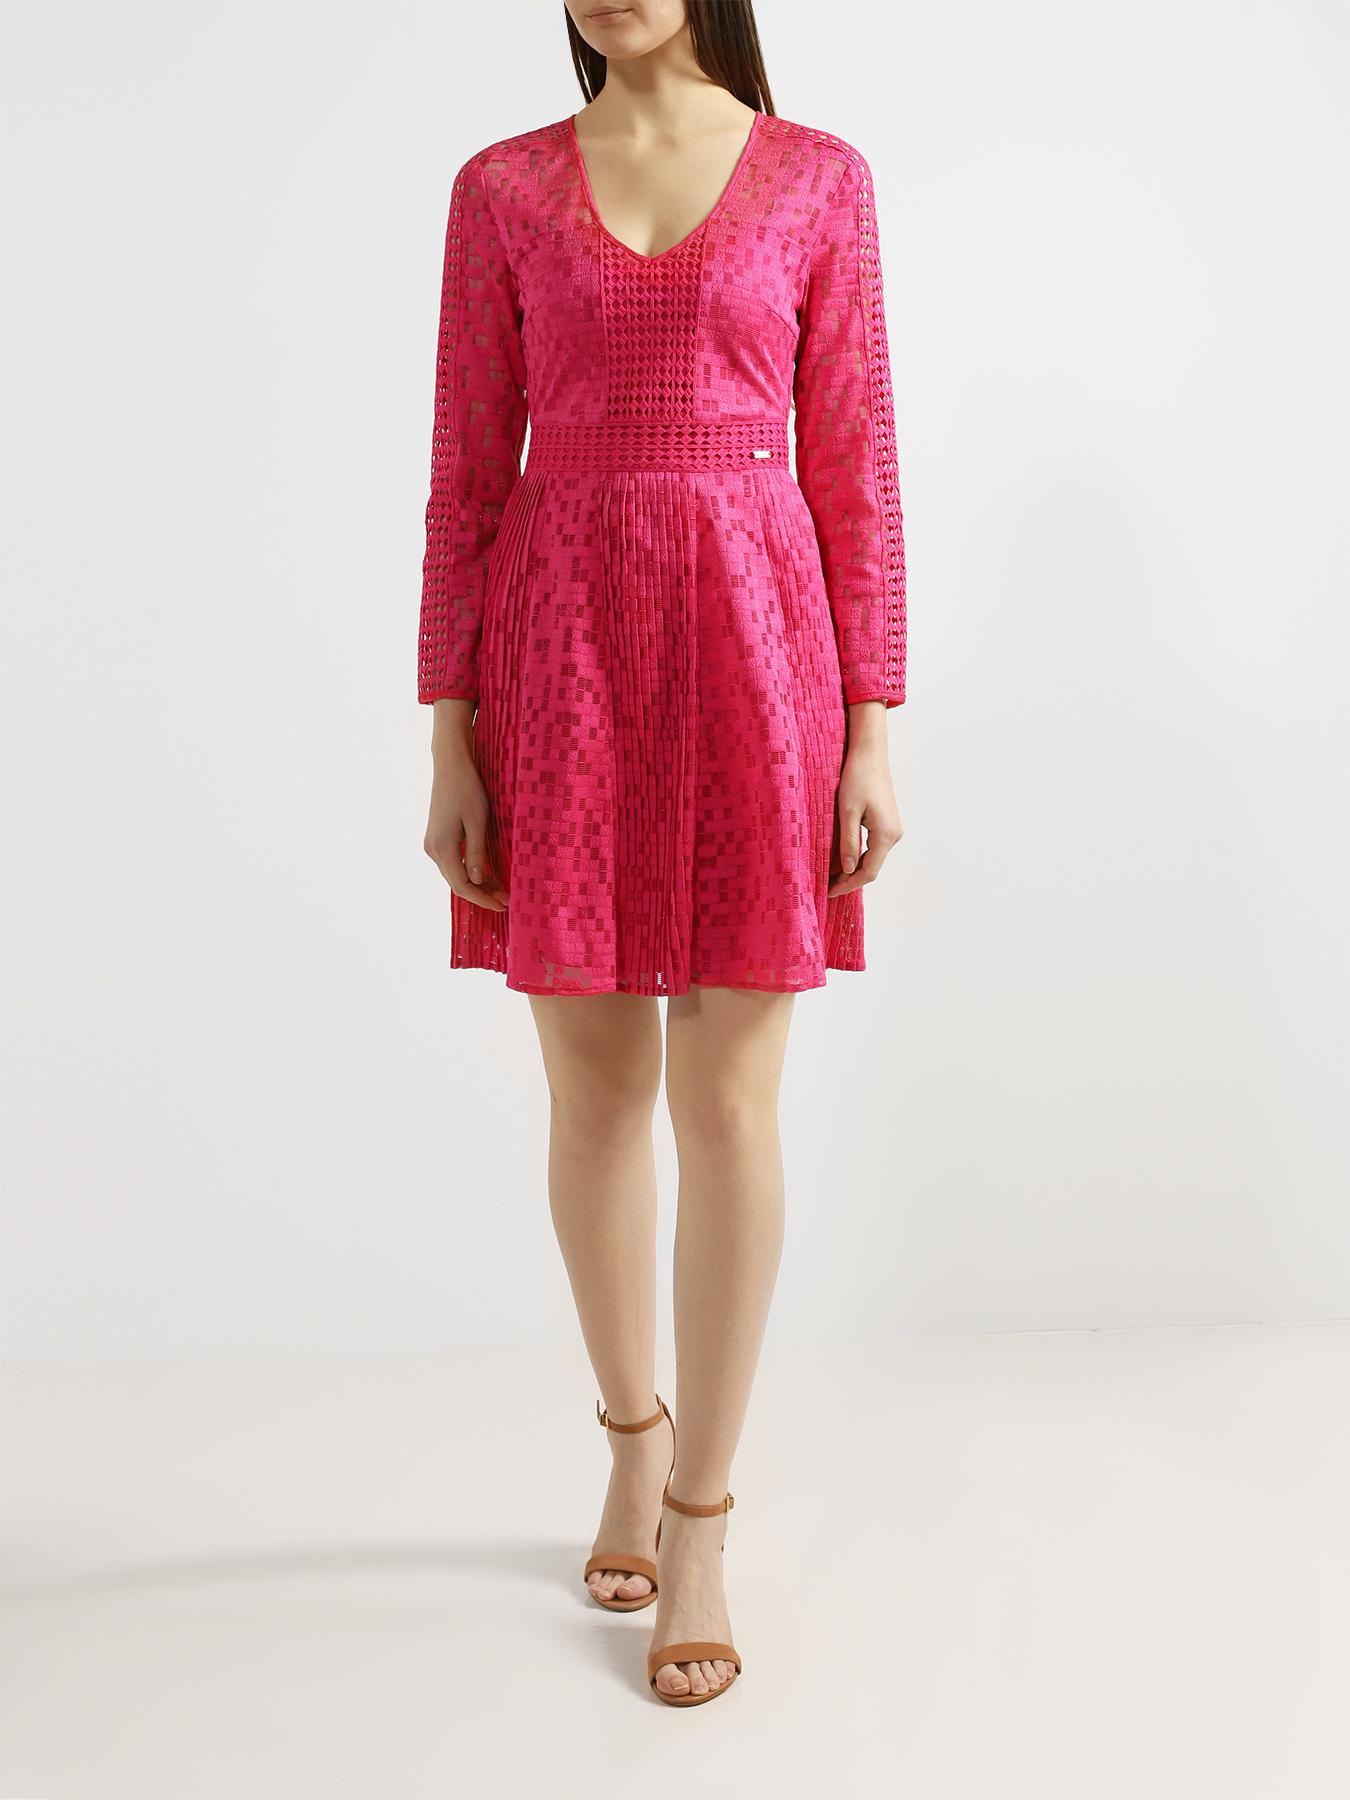 Платье Armani Exchange Женское платье-мини женское платье onfine leo 2015 onfine 2015 cool